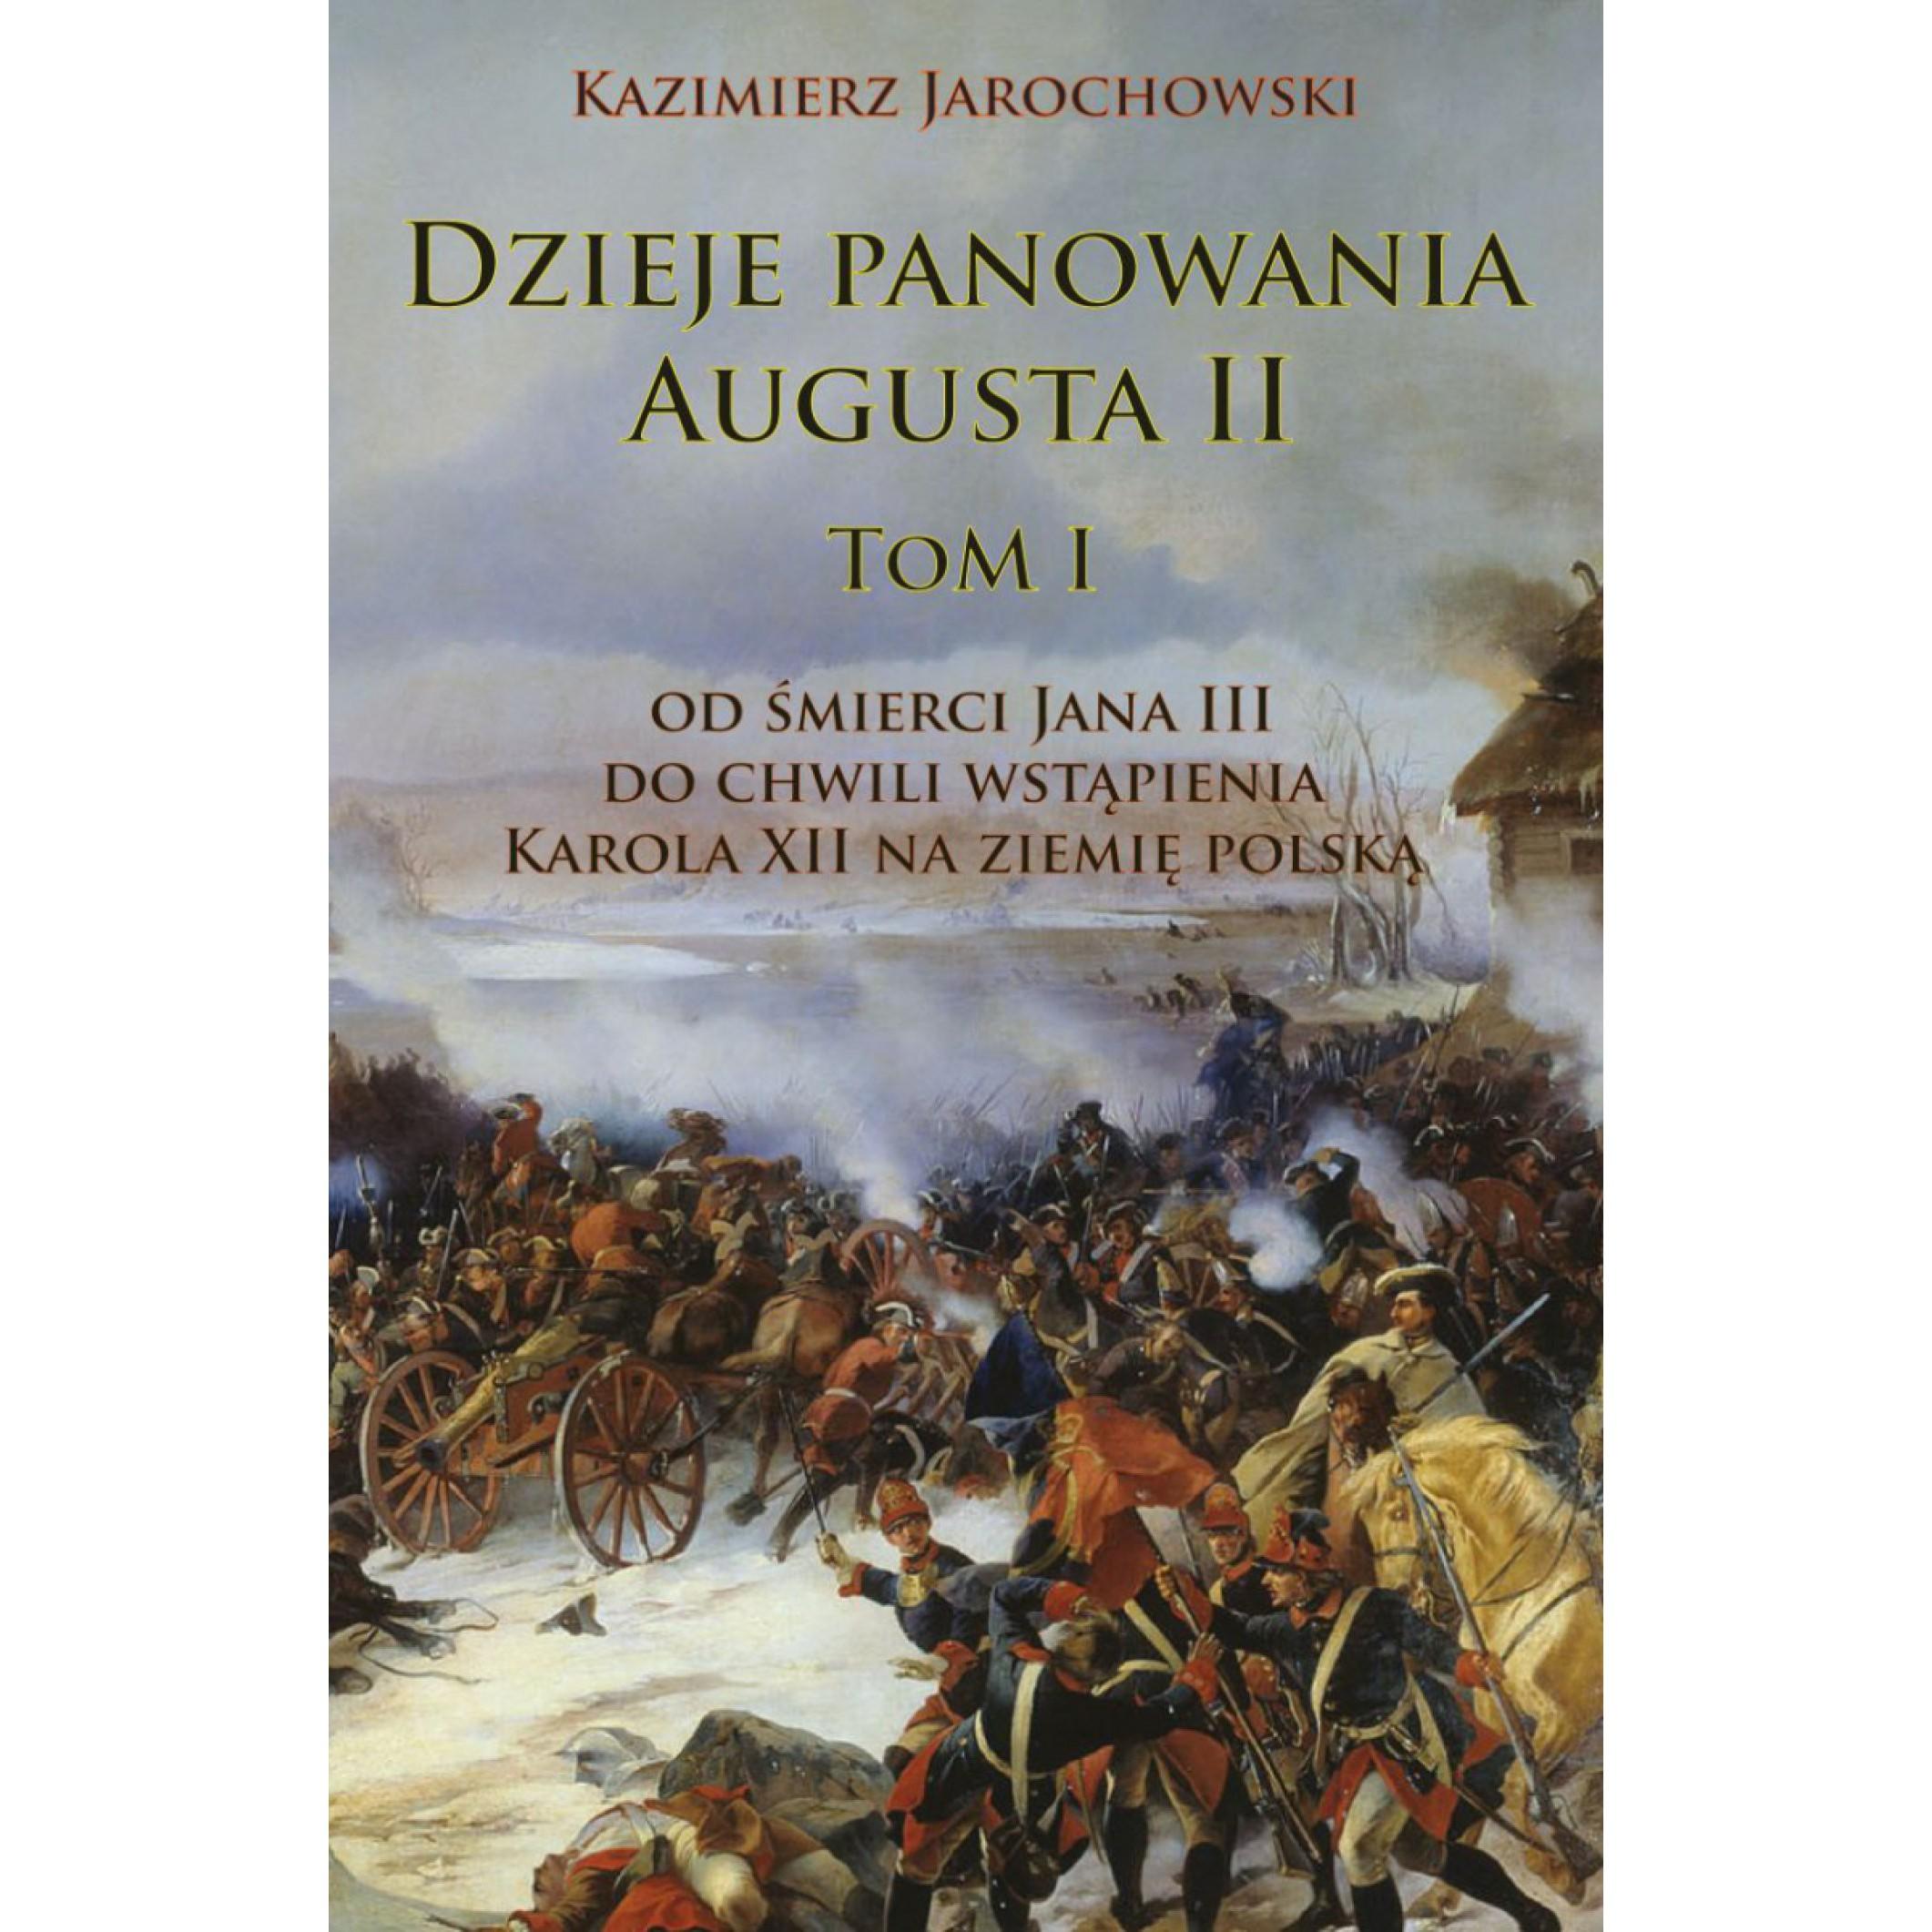 Dzieje panowania Augusta II tom I. Od śmierci Jana III do chwili wstąpienia Karola XII na ziemię polską